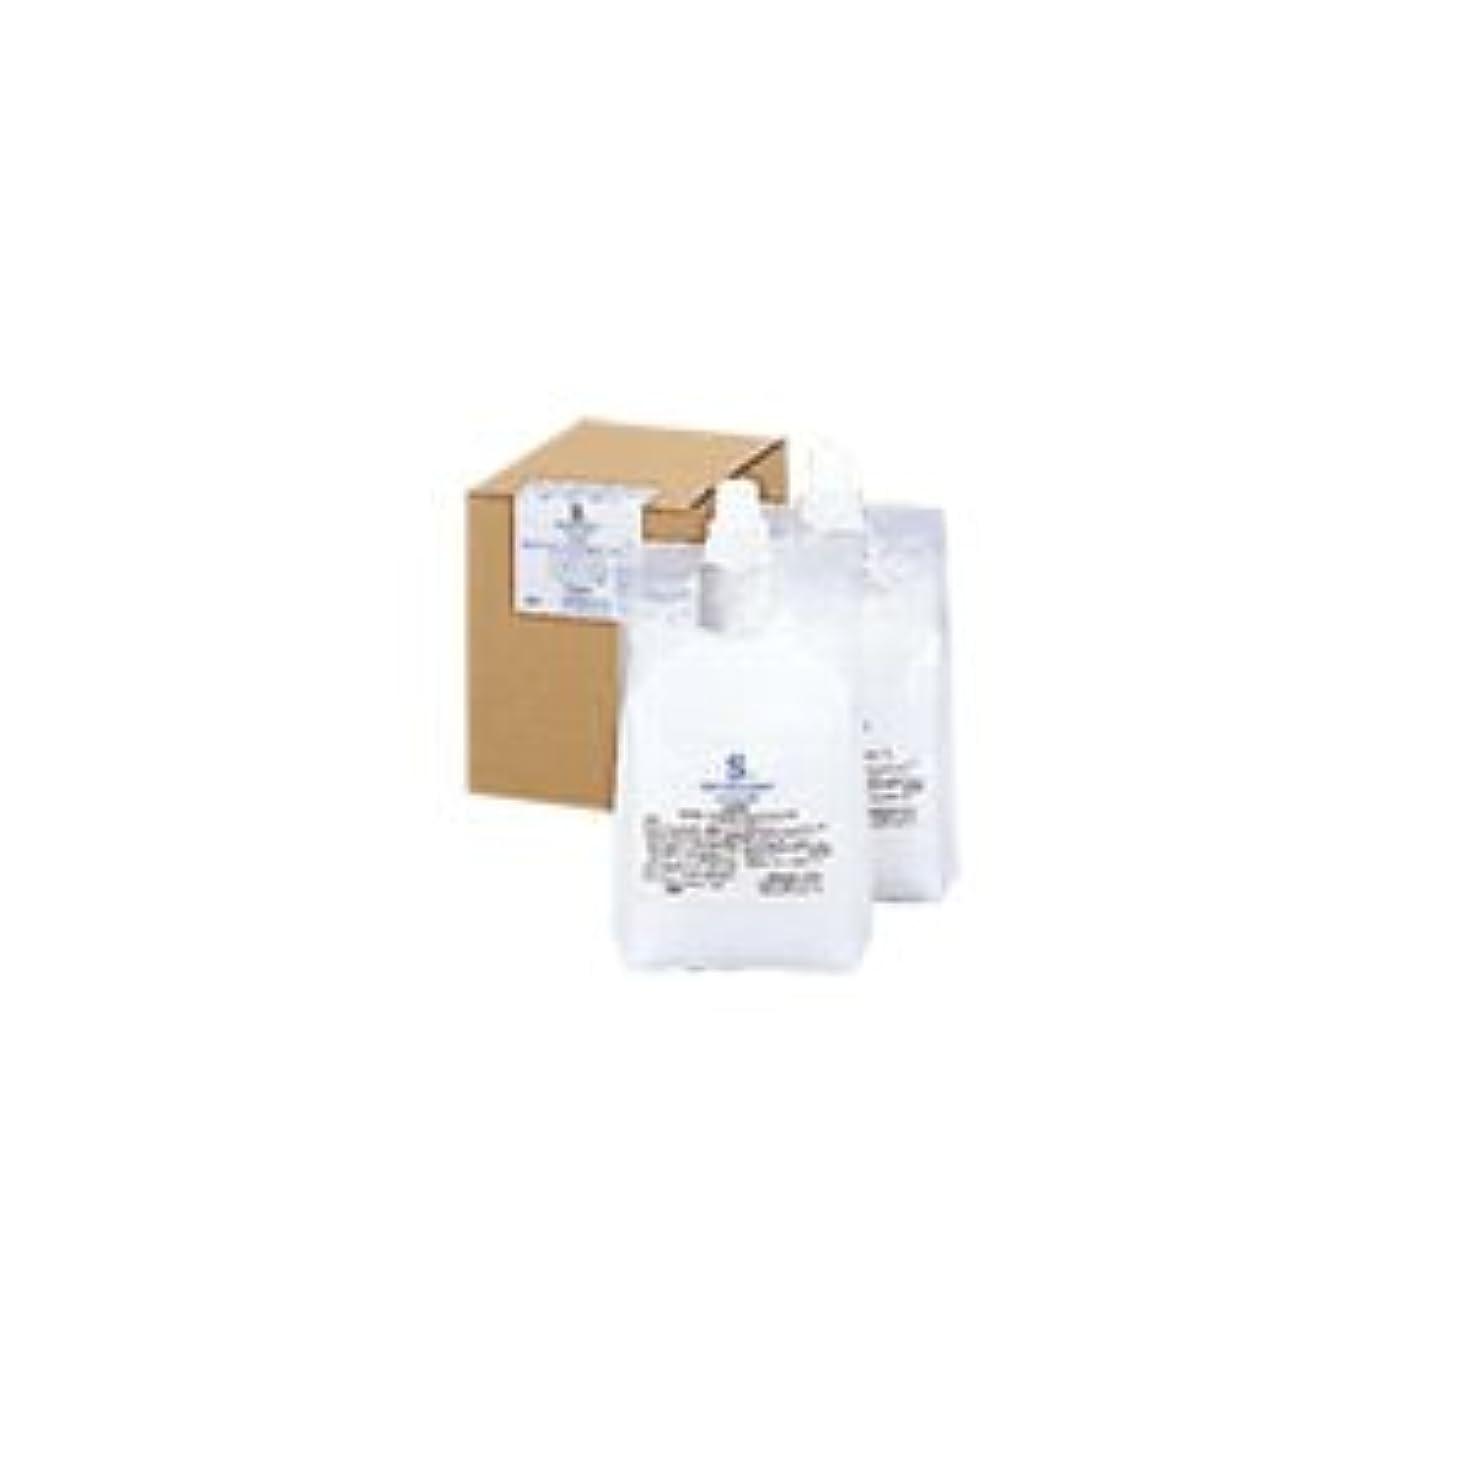 ラボスイス人溶融ナカノ センフィーク コンディショナー スムース 3000ml(1500ml×2)レフィル